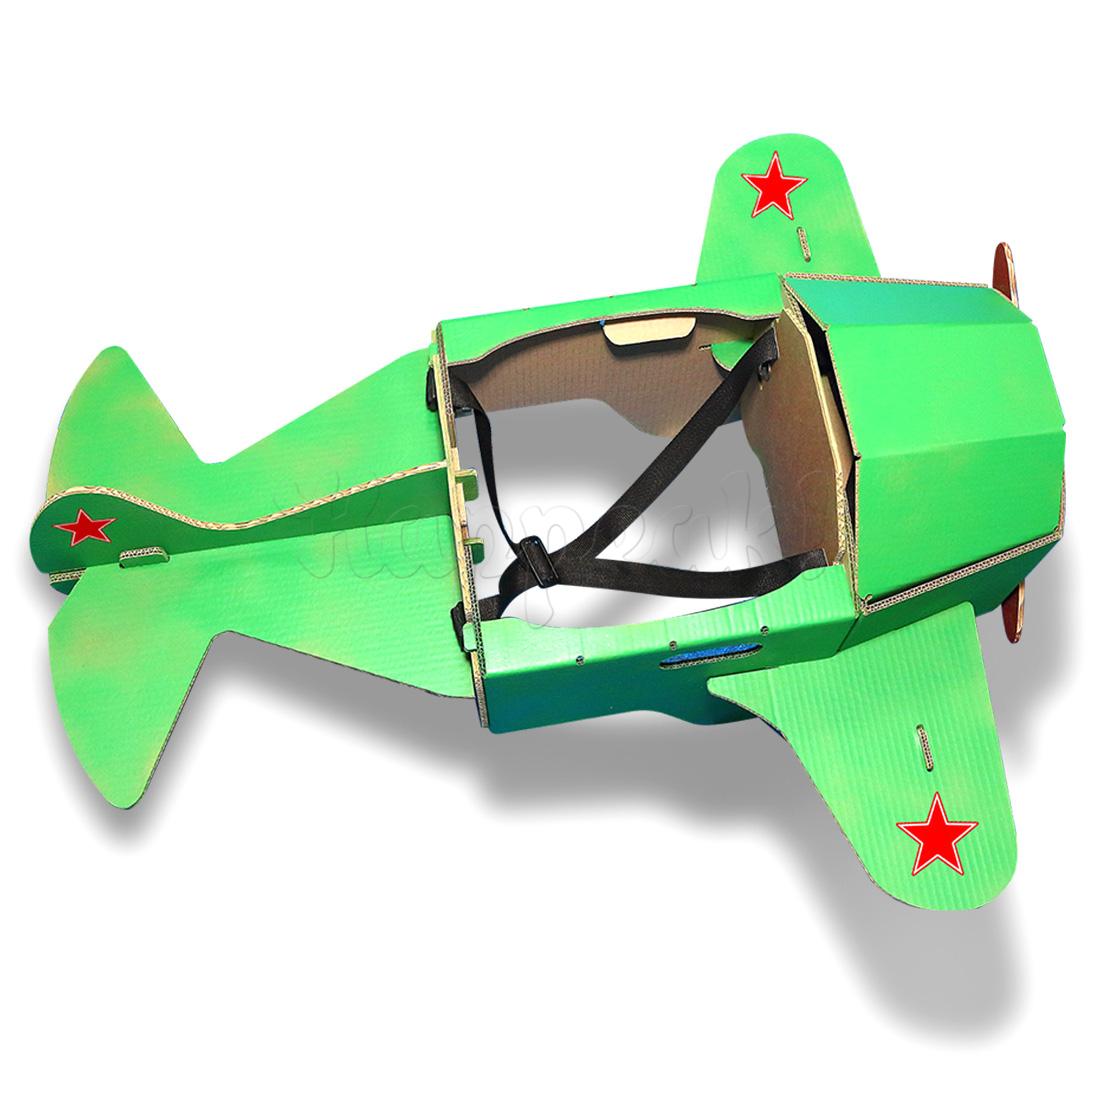 Как сделать игрушку вертолет